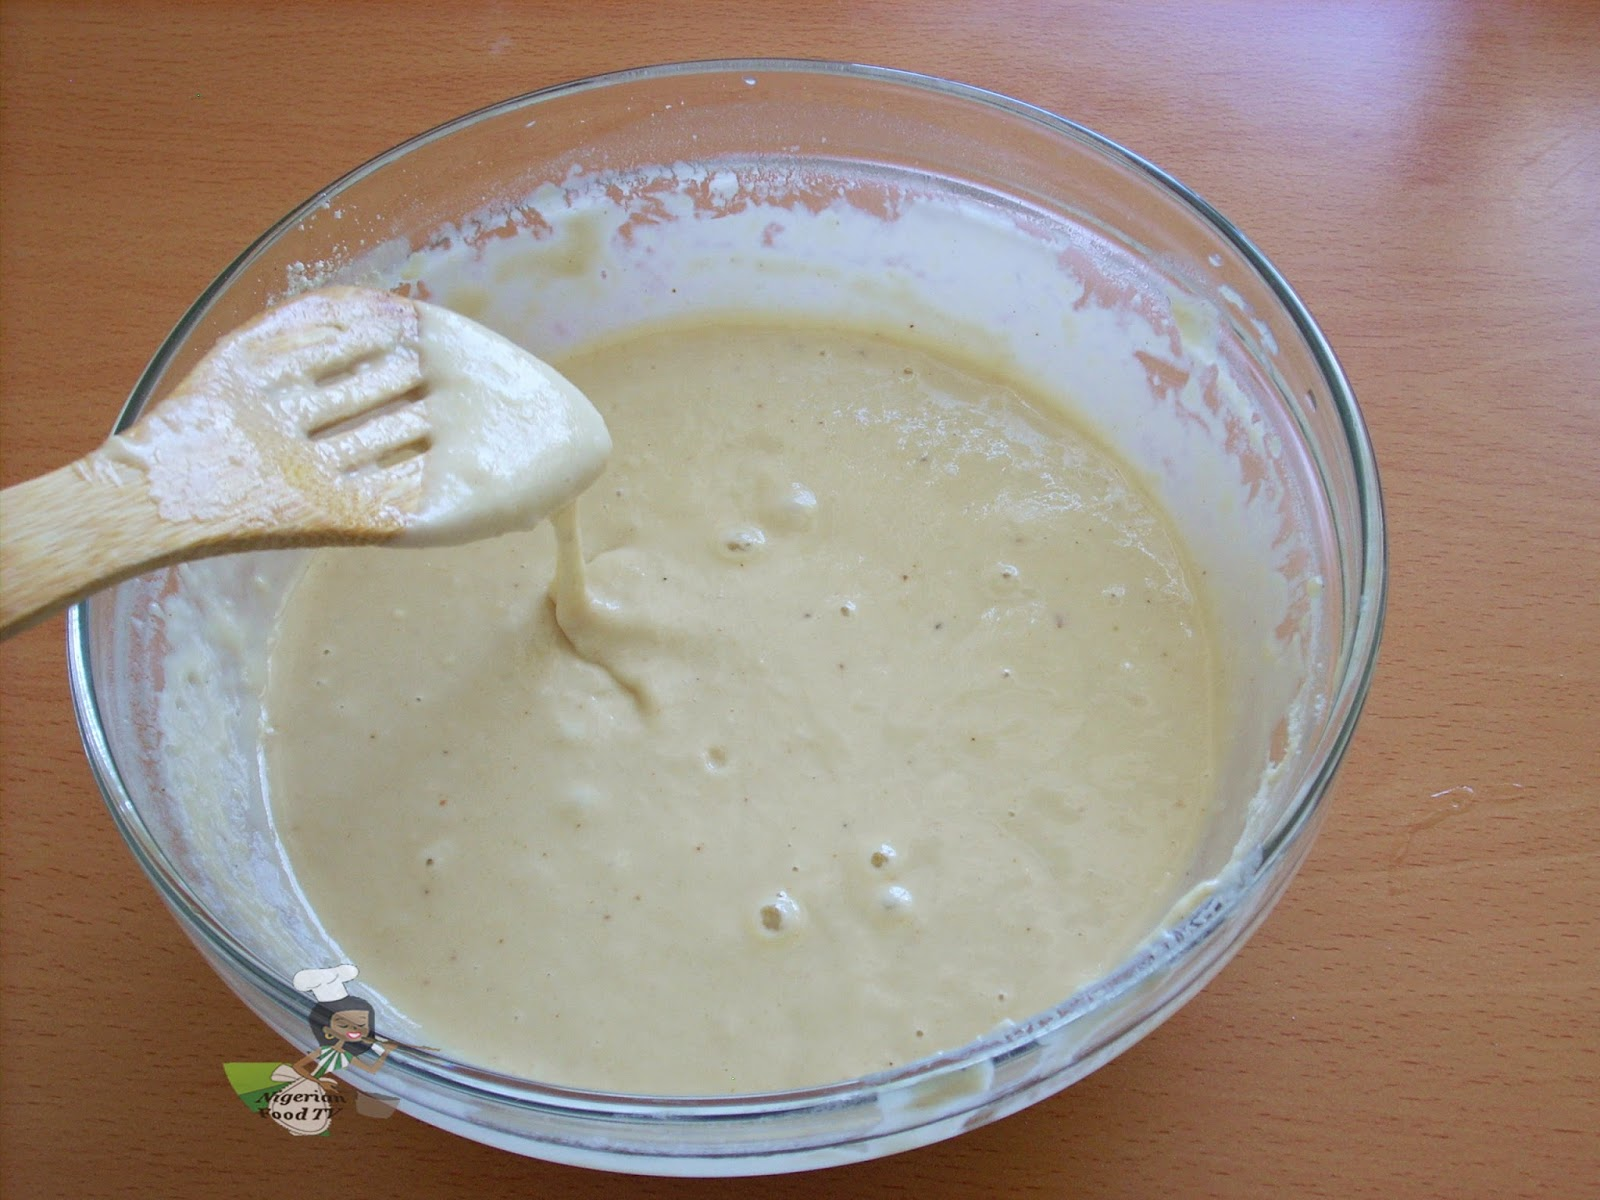 Nigerian Puff Puff Recipe : How to make Puff puff, nigerian puff puff recipe